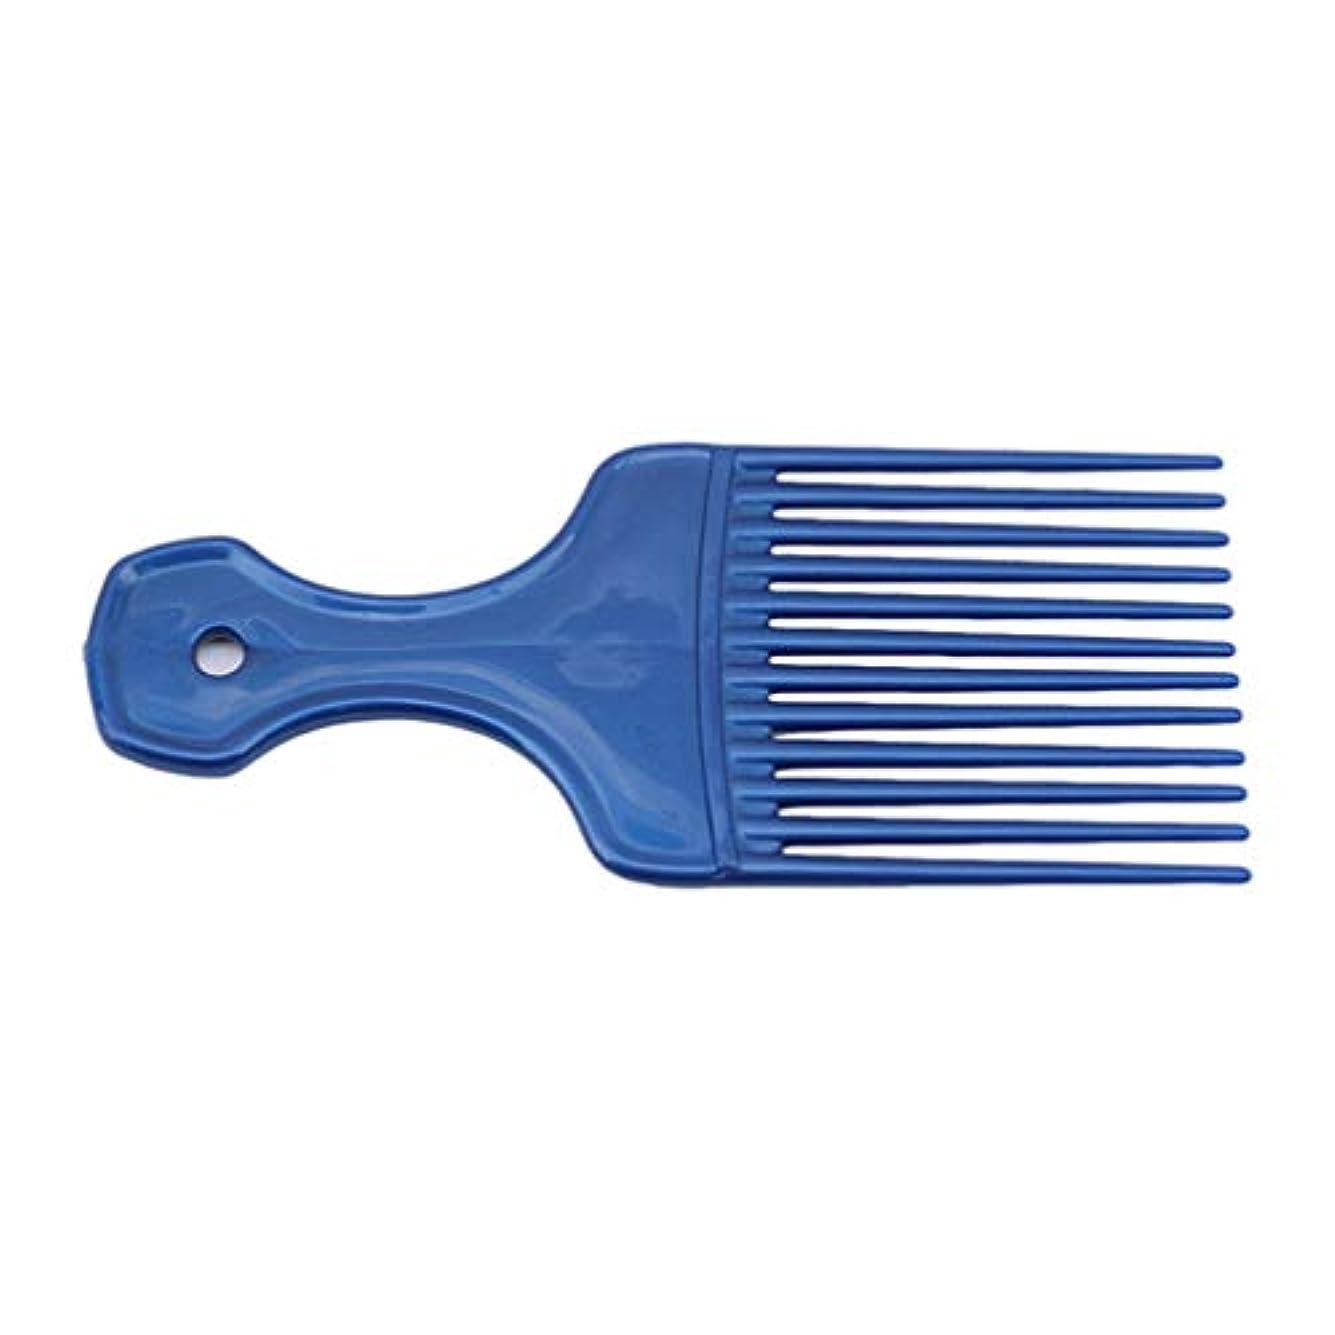 定数混合した長椅子LJSLYJ カーリーヘアスタイリングツールヘアピックコームヘアブラシ用プラスチック高低コーム、青